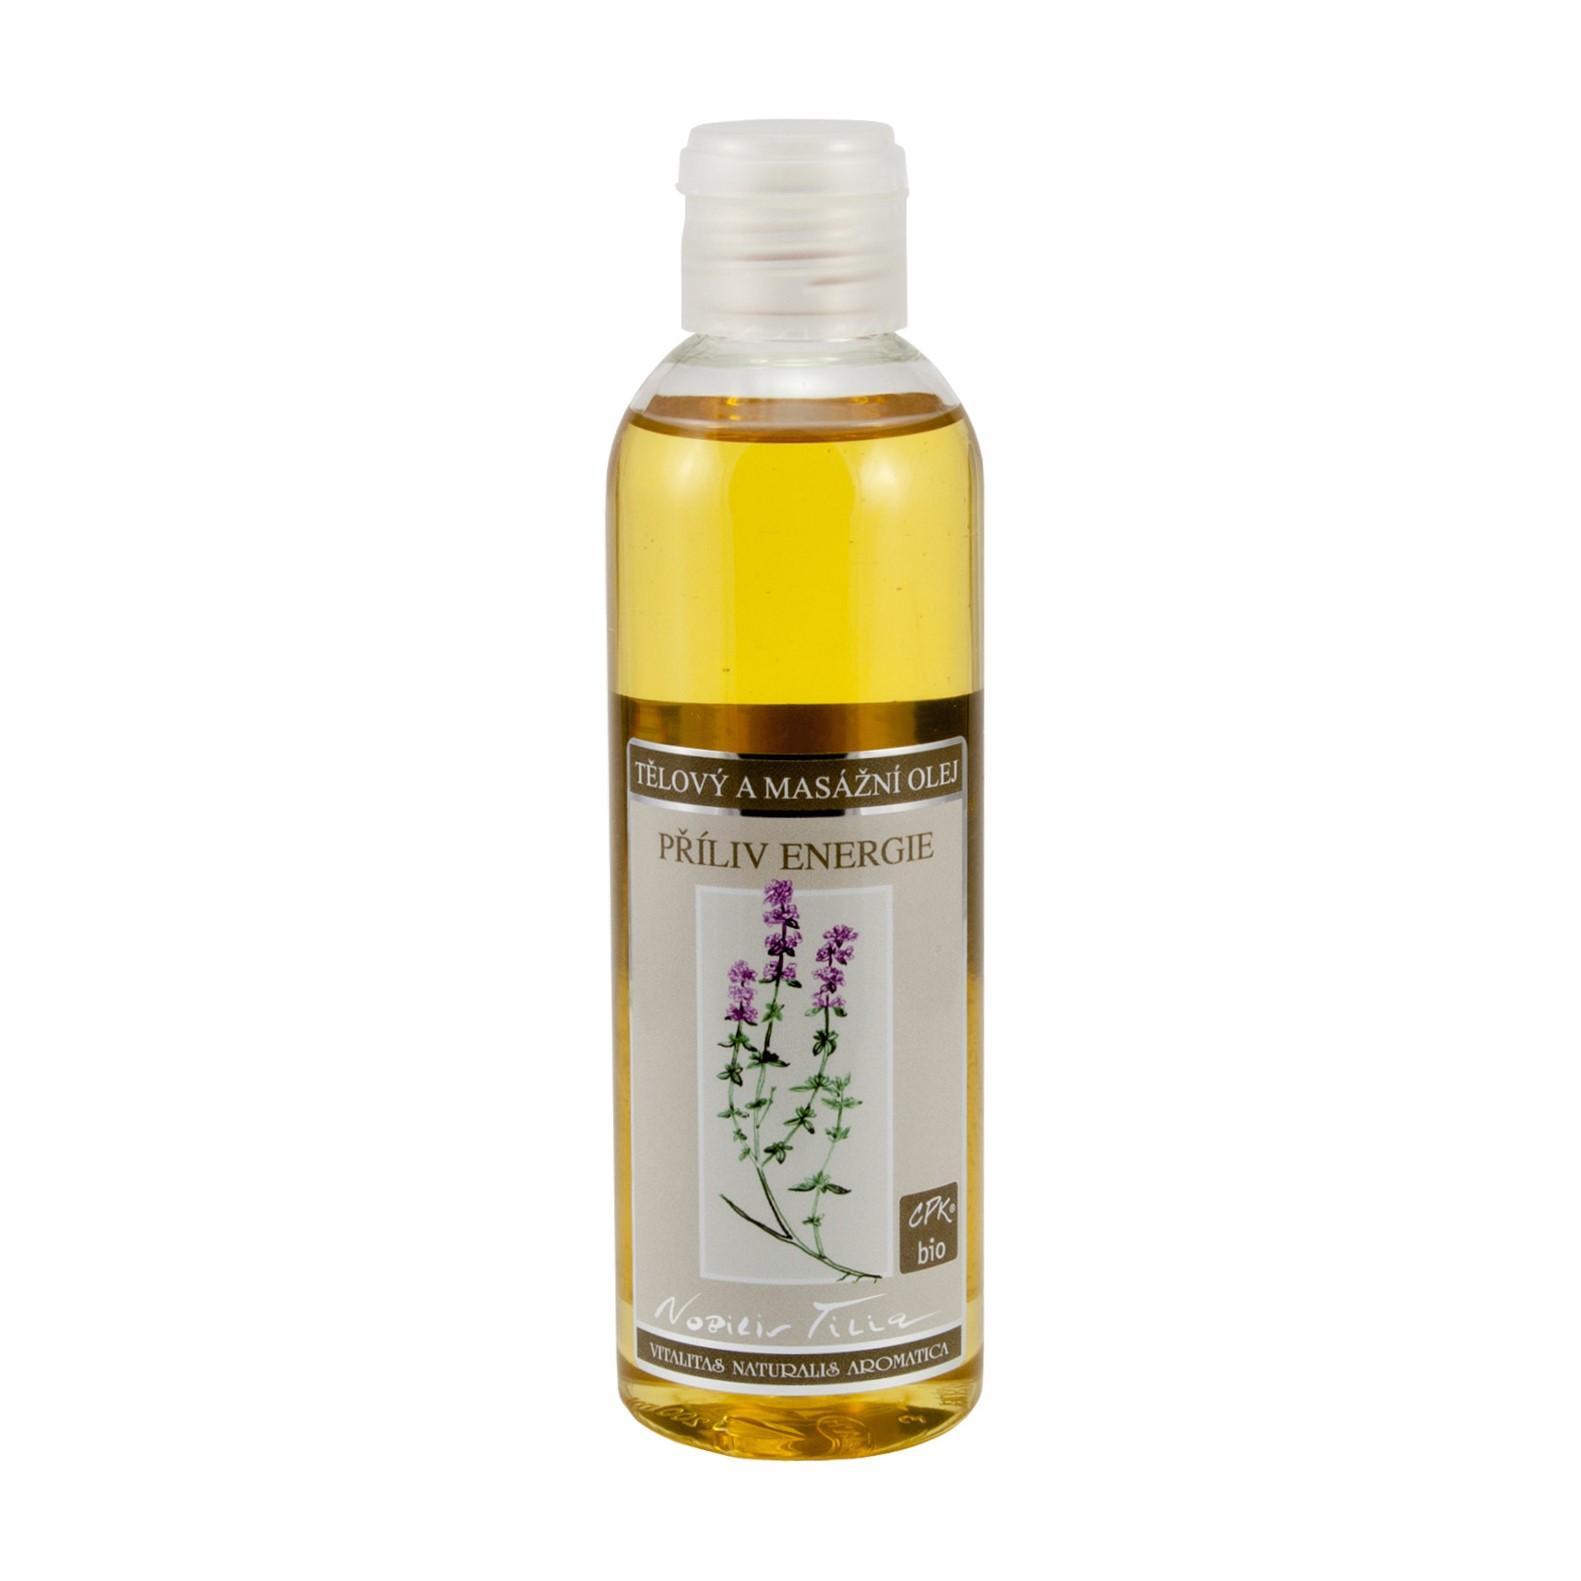 Nobilis Tilia Tělový a masážní olej Příliv energie 200 ml